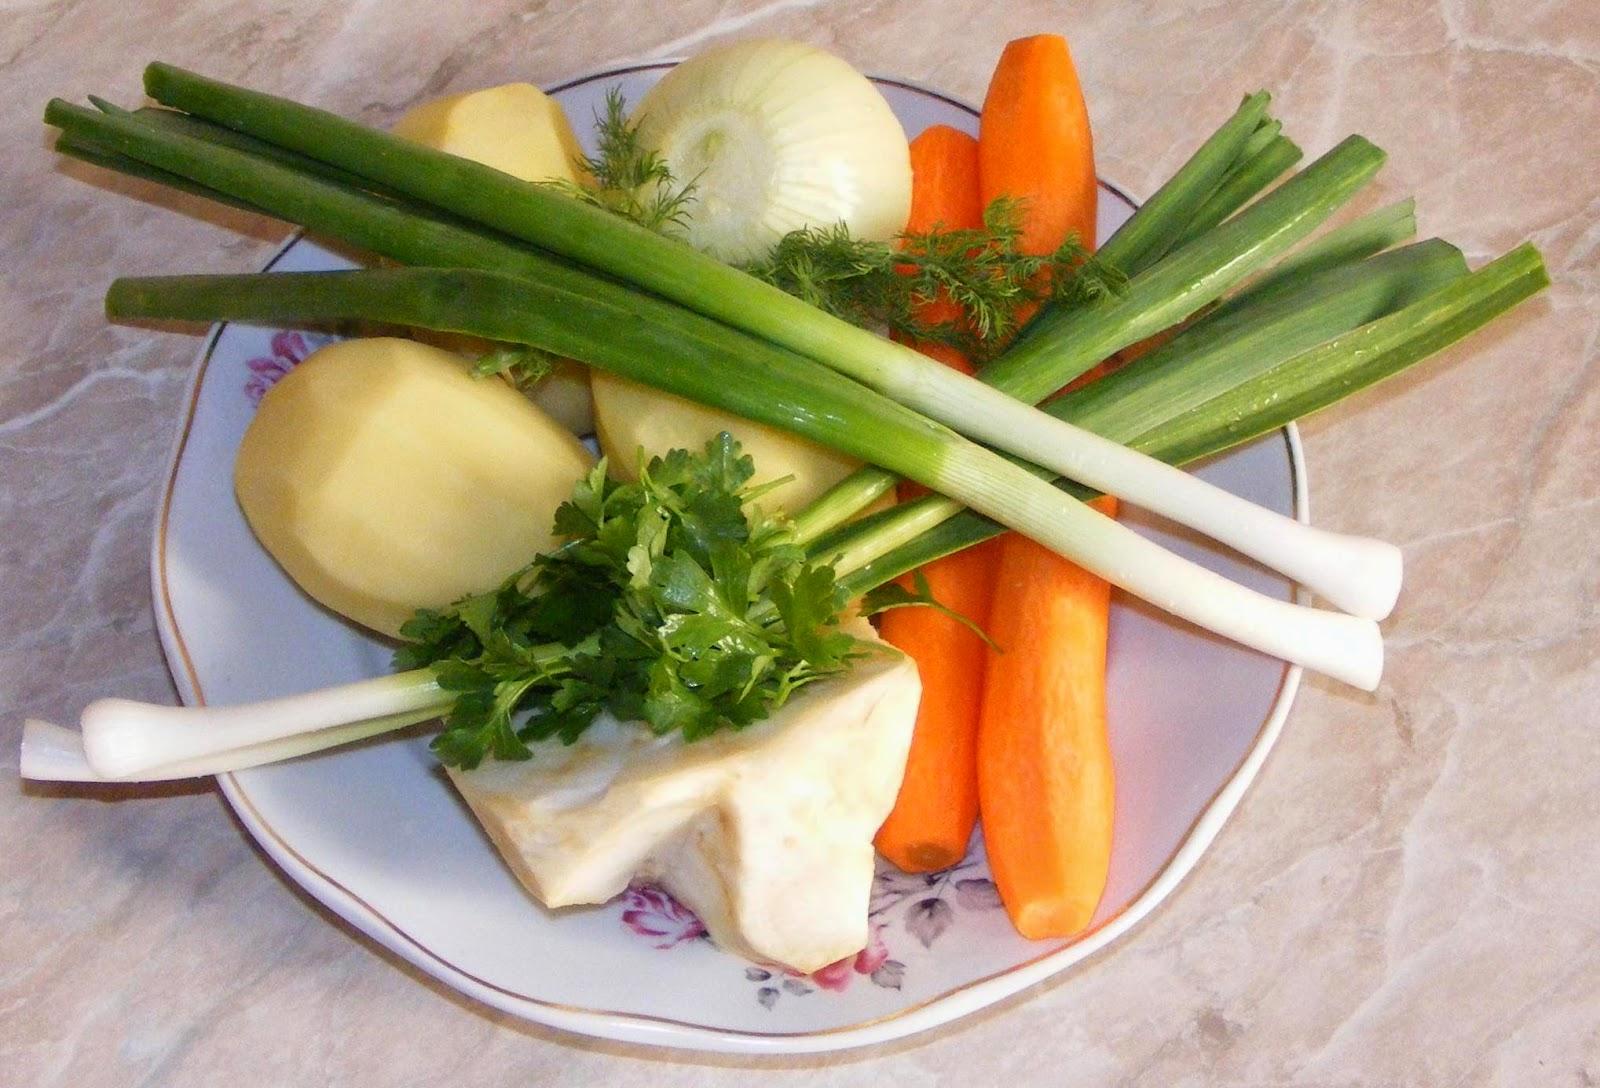 umplutura curcan ingrediente, legume pentru umplutura curcan, legume pentru umplut curcanul, legume proaspete, retete cu legume, legume pentru compozitia de umplut curcanul,